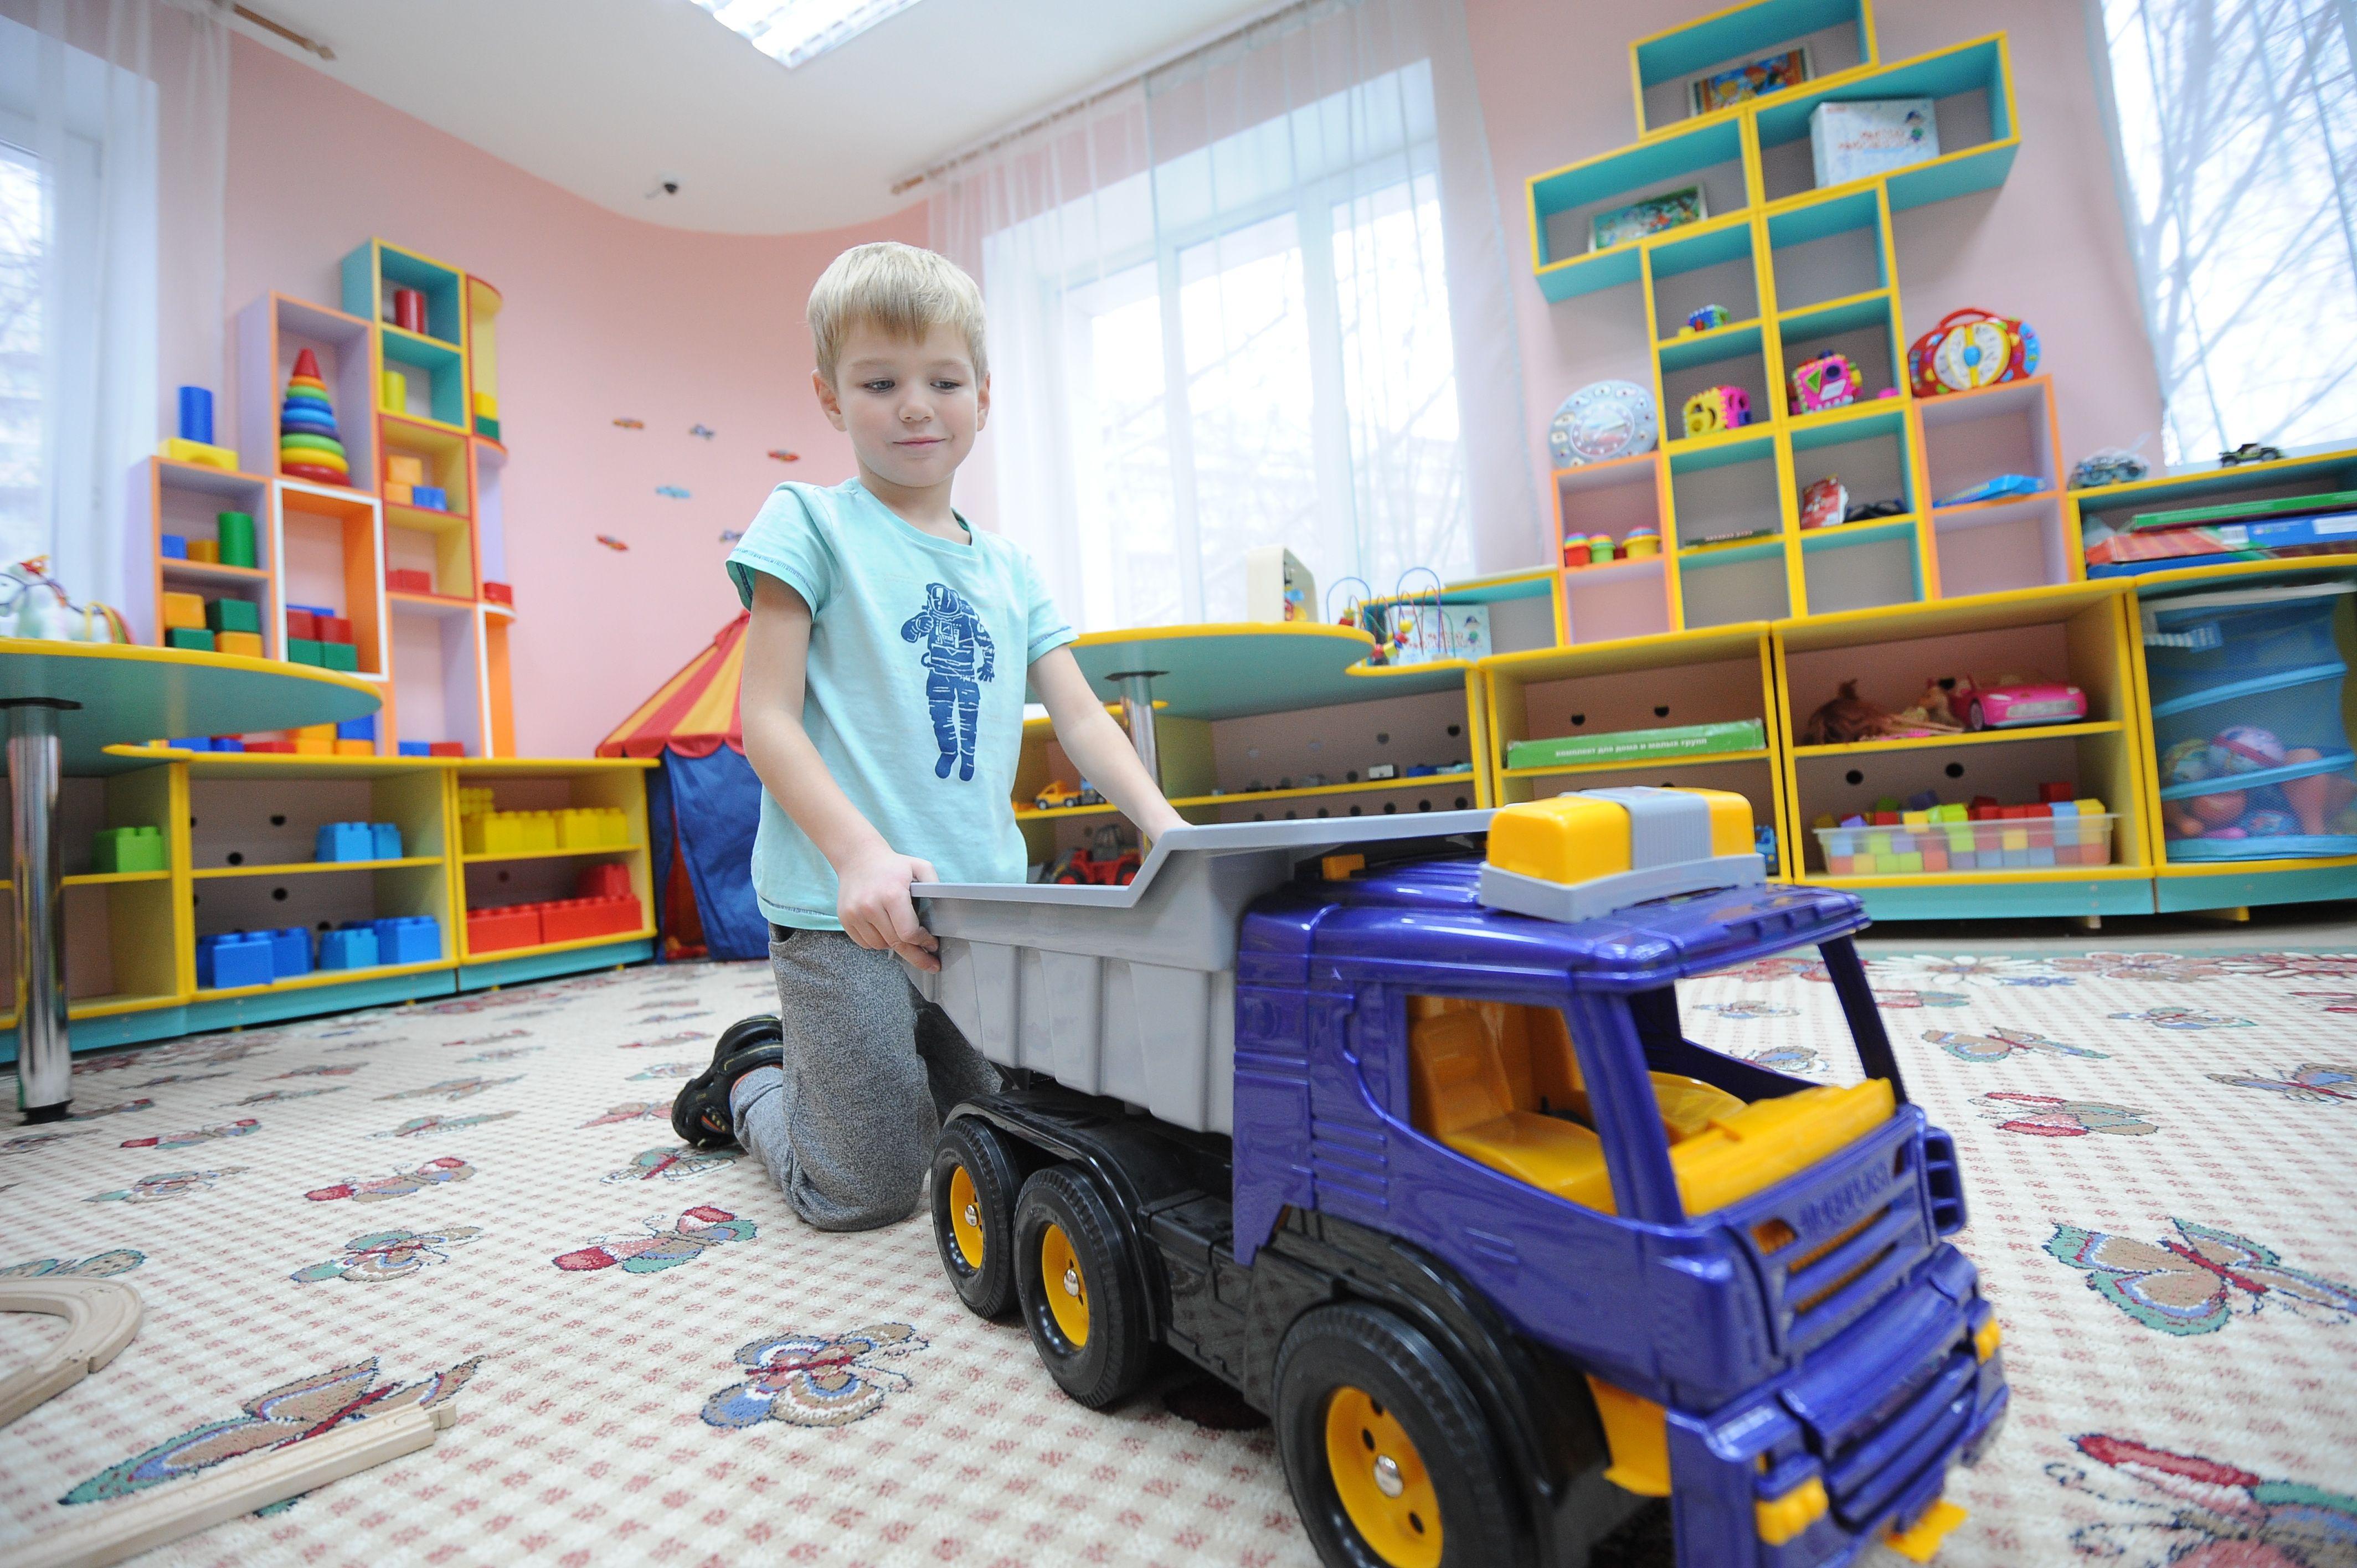 Детский сад в бело-оранжевых цветах построят в Московском